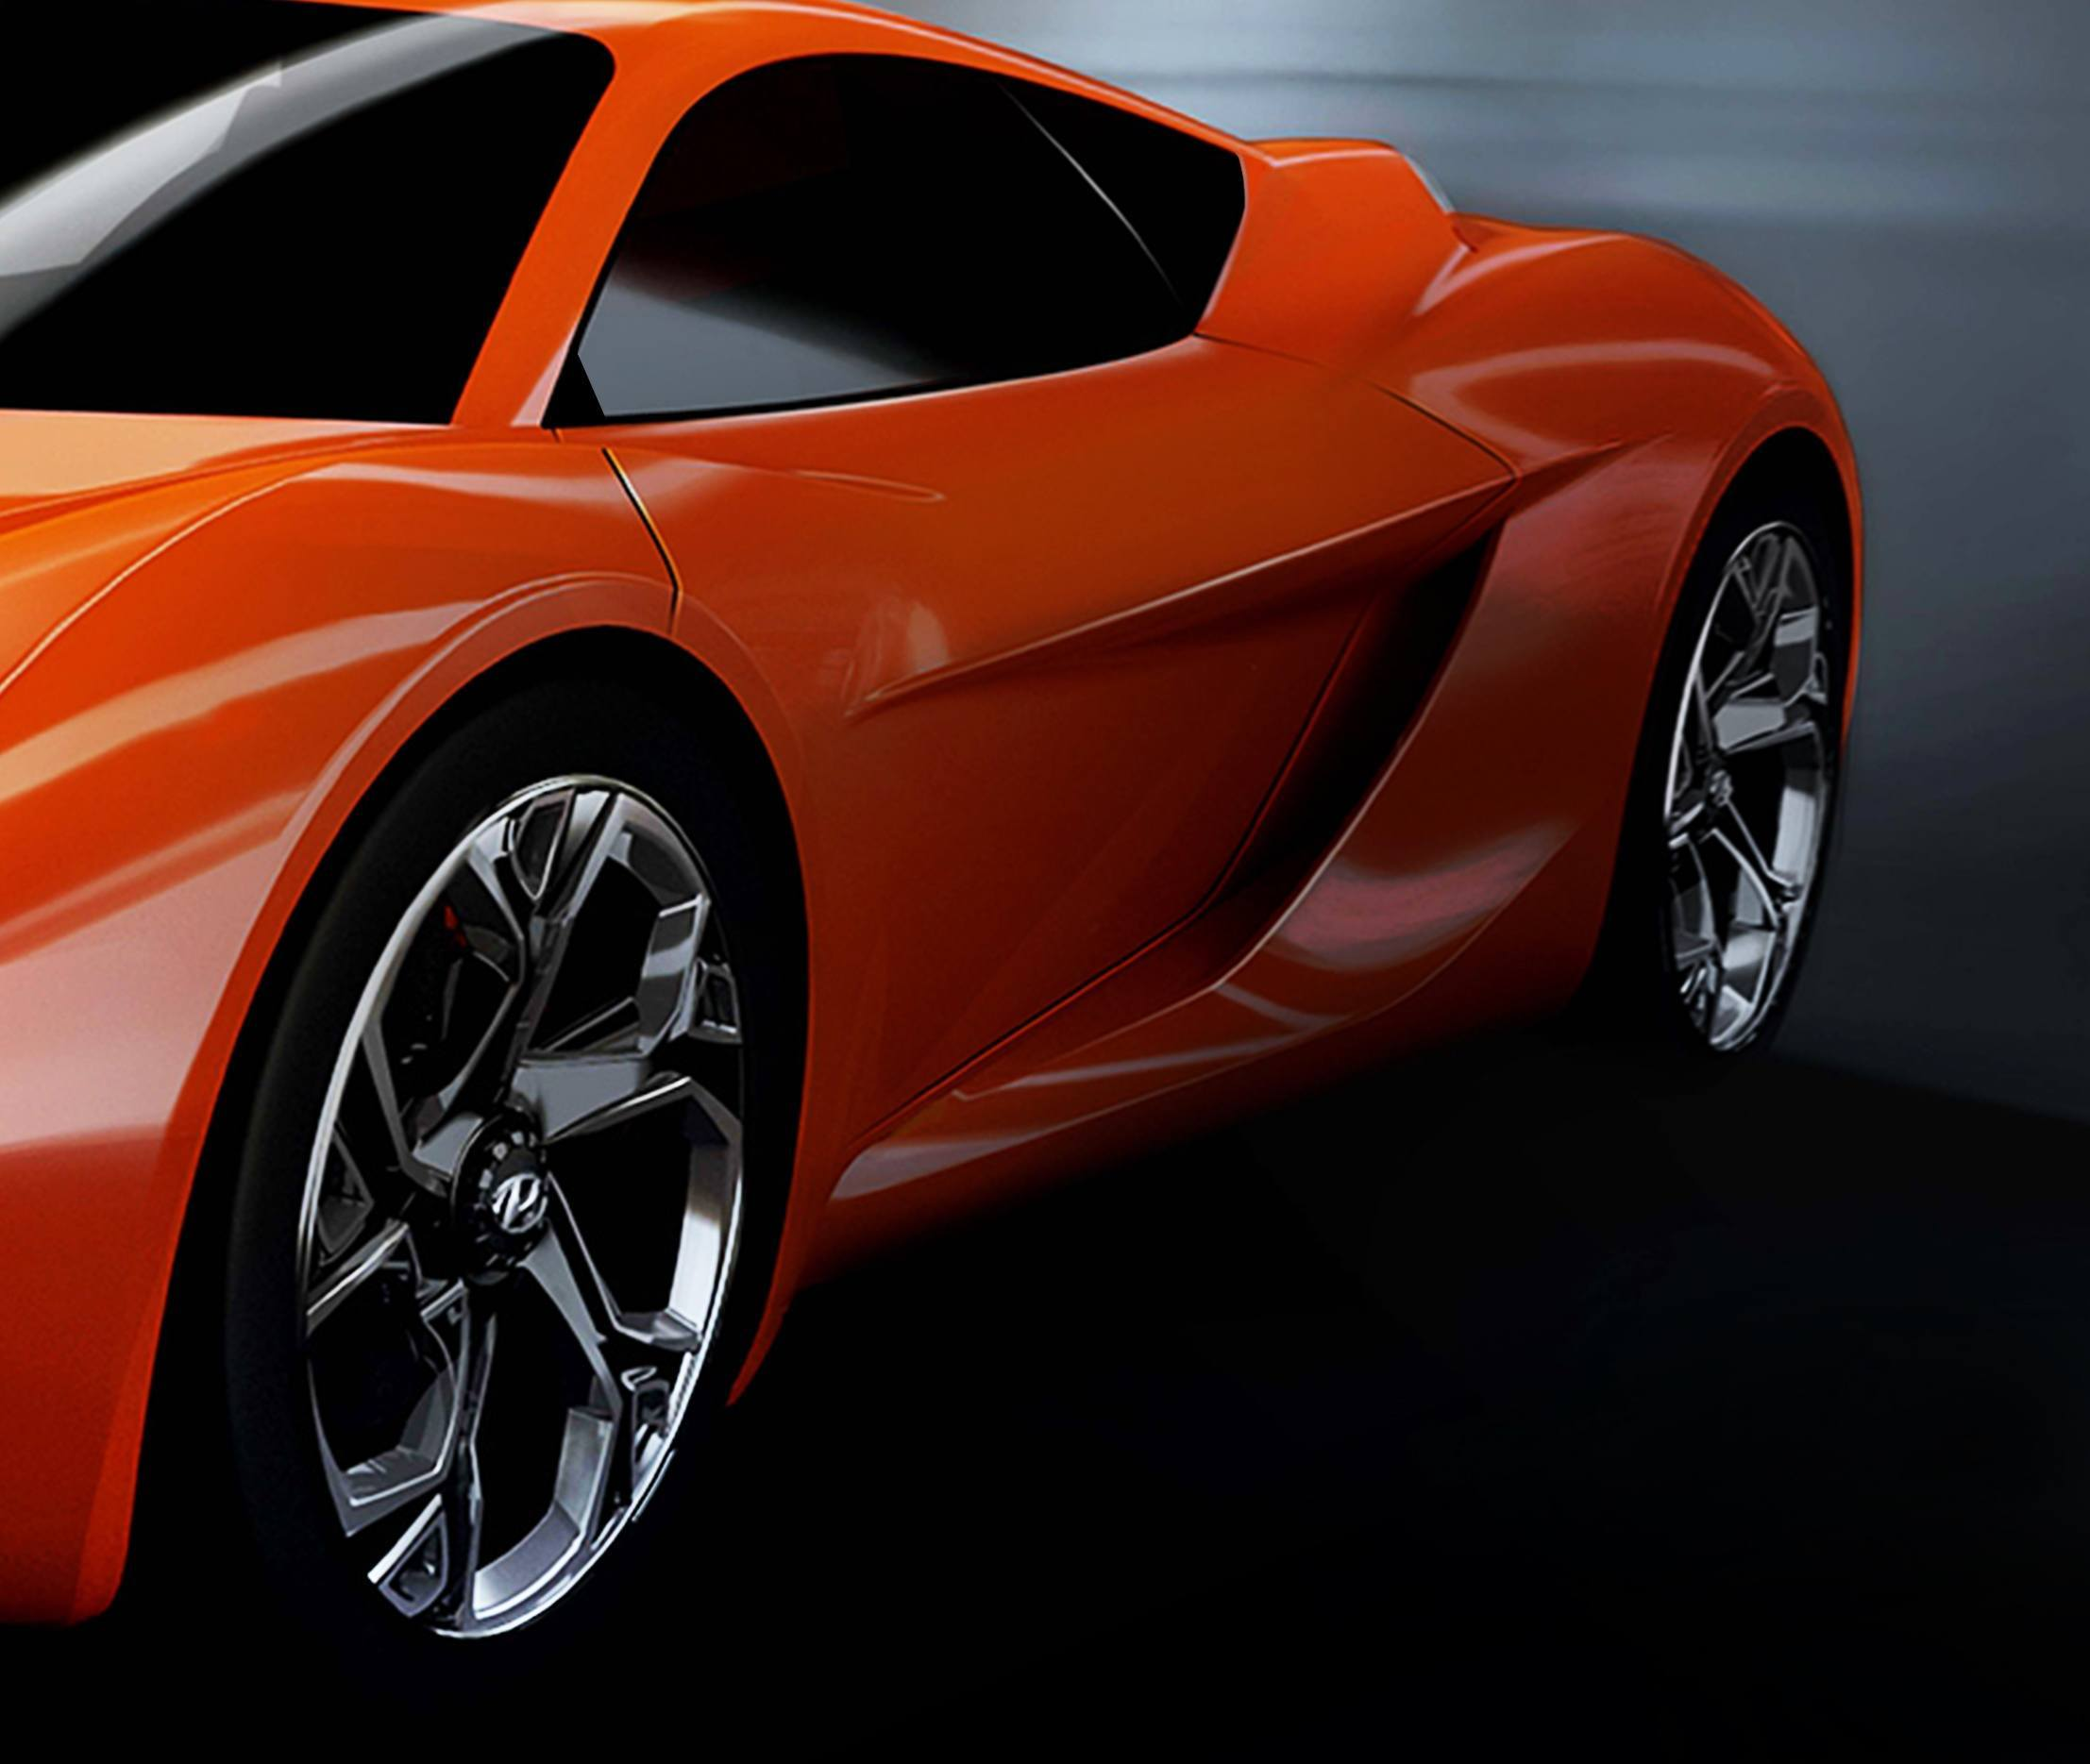 Hyundai PassoCorto Sports Car Is Torino Design Vision Come